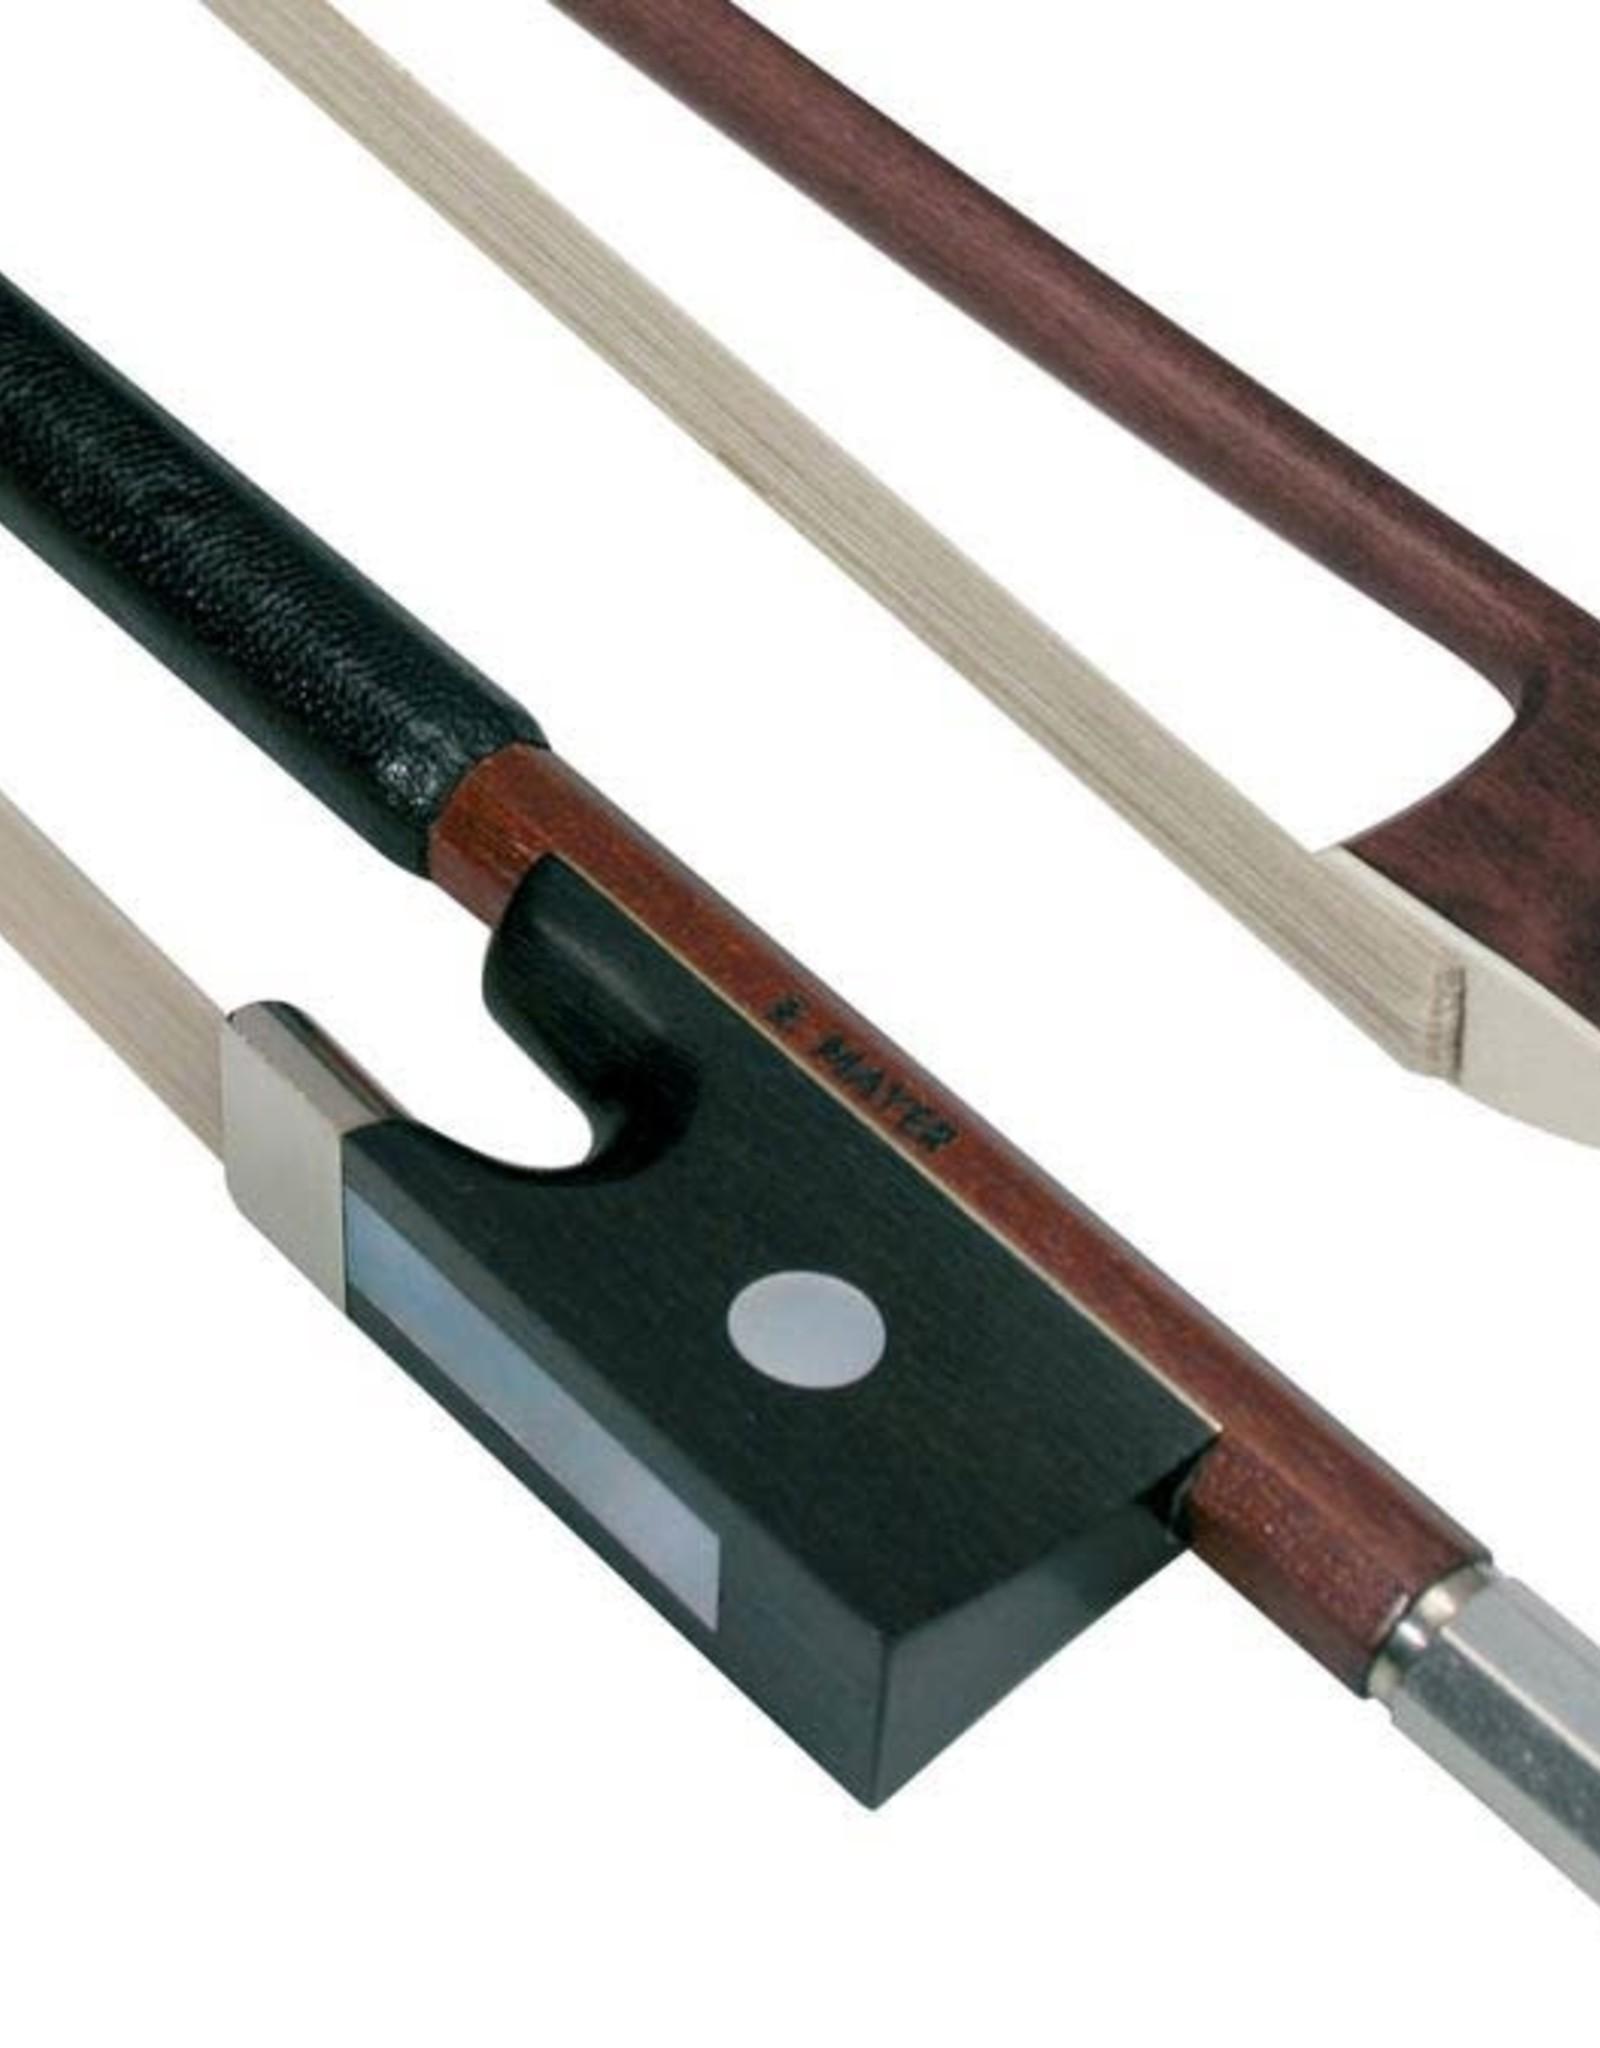 DORFLER strijkstok viool, verschillende maten, massaranduba, rond